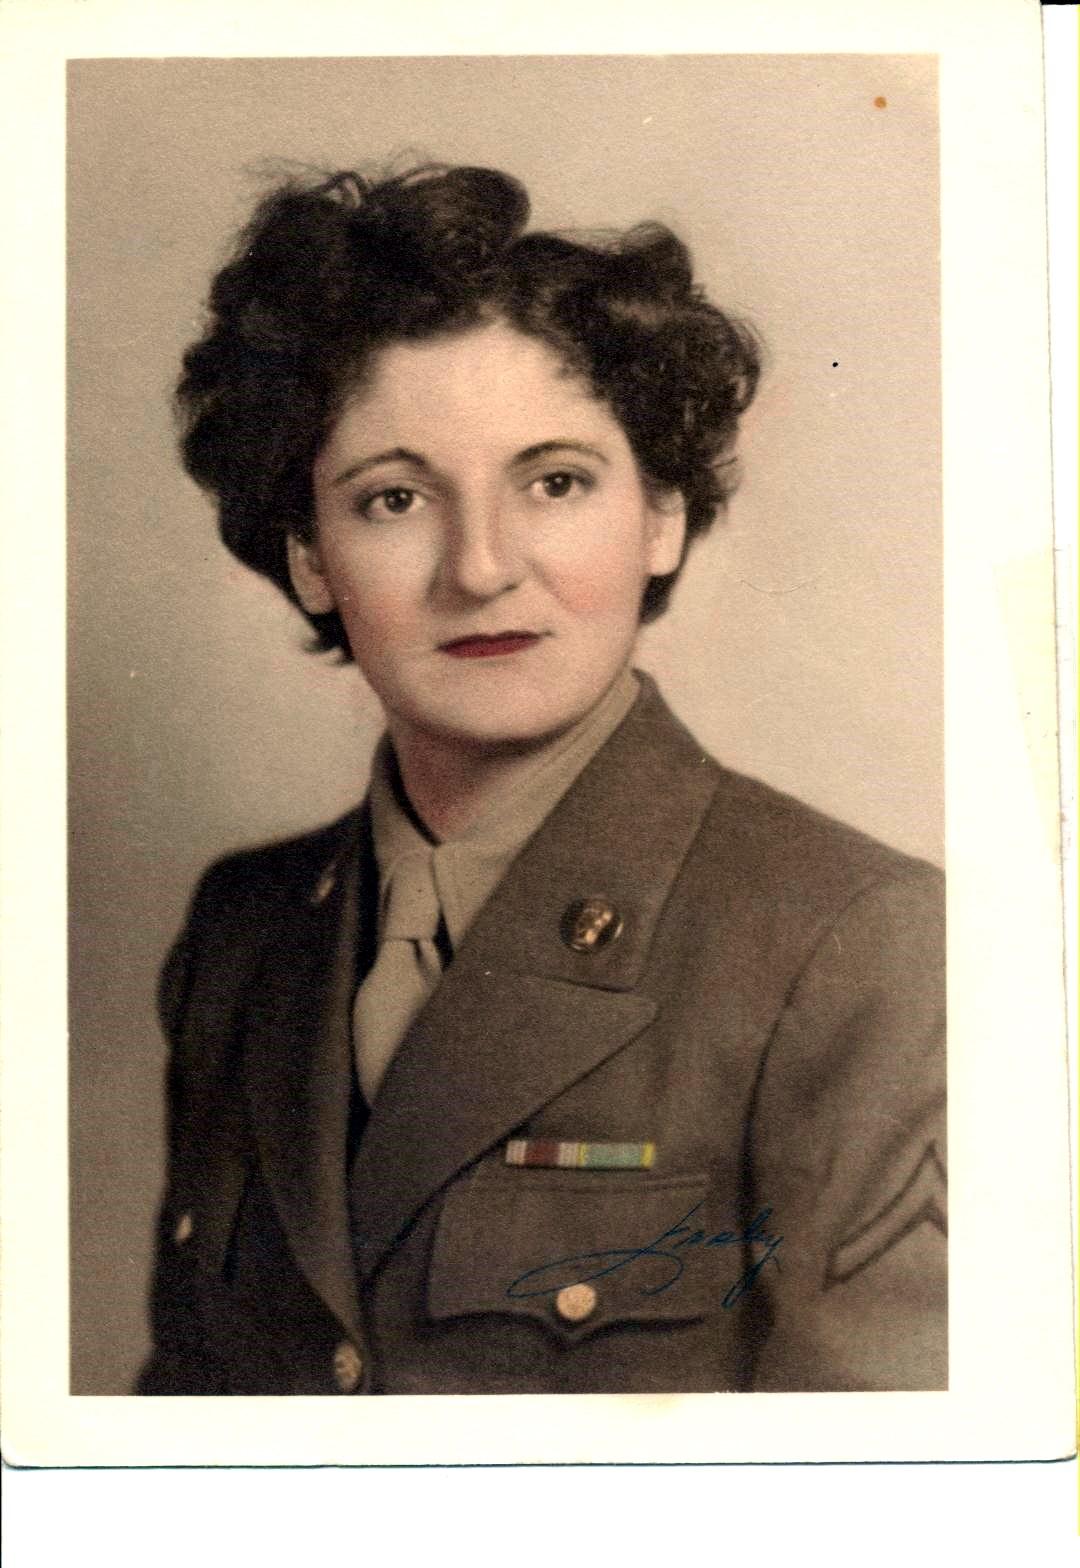 Prudenza Selvaggio Morrison (MAJ., U.S. Army, Retired) Obituary ...